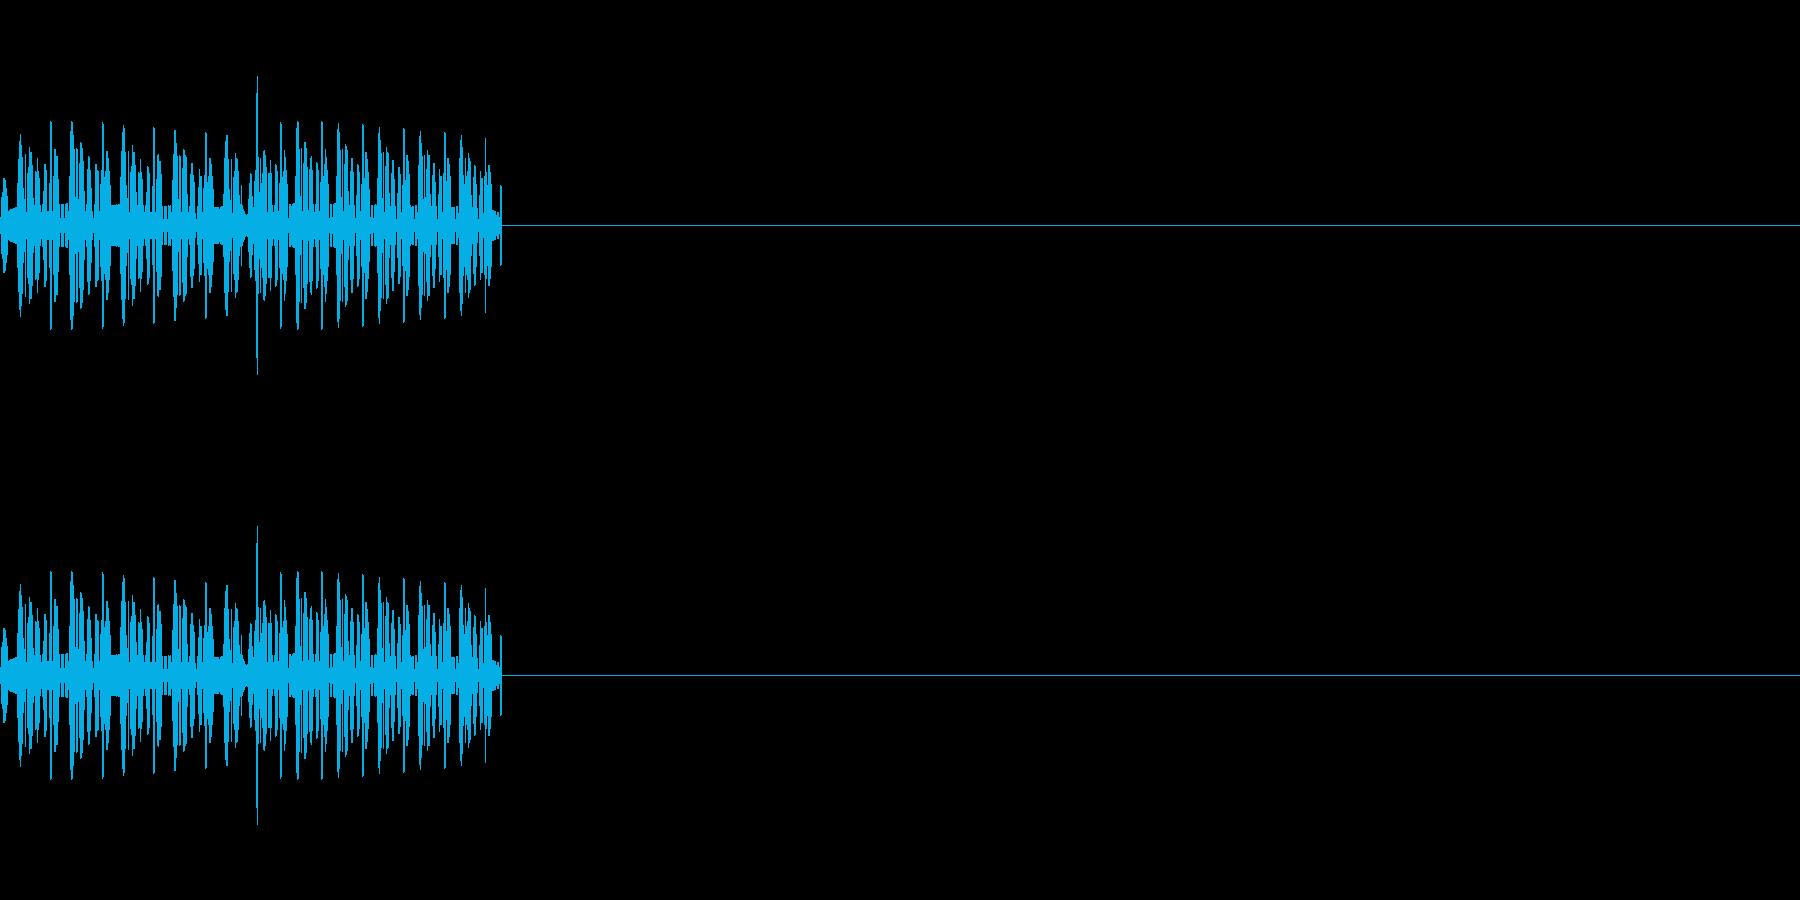 「ピロ」「ビロ」レトロゲーム風攻撃音の再生済みの波形